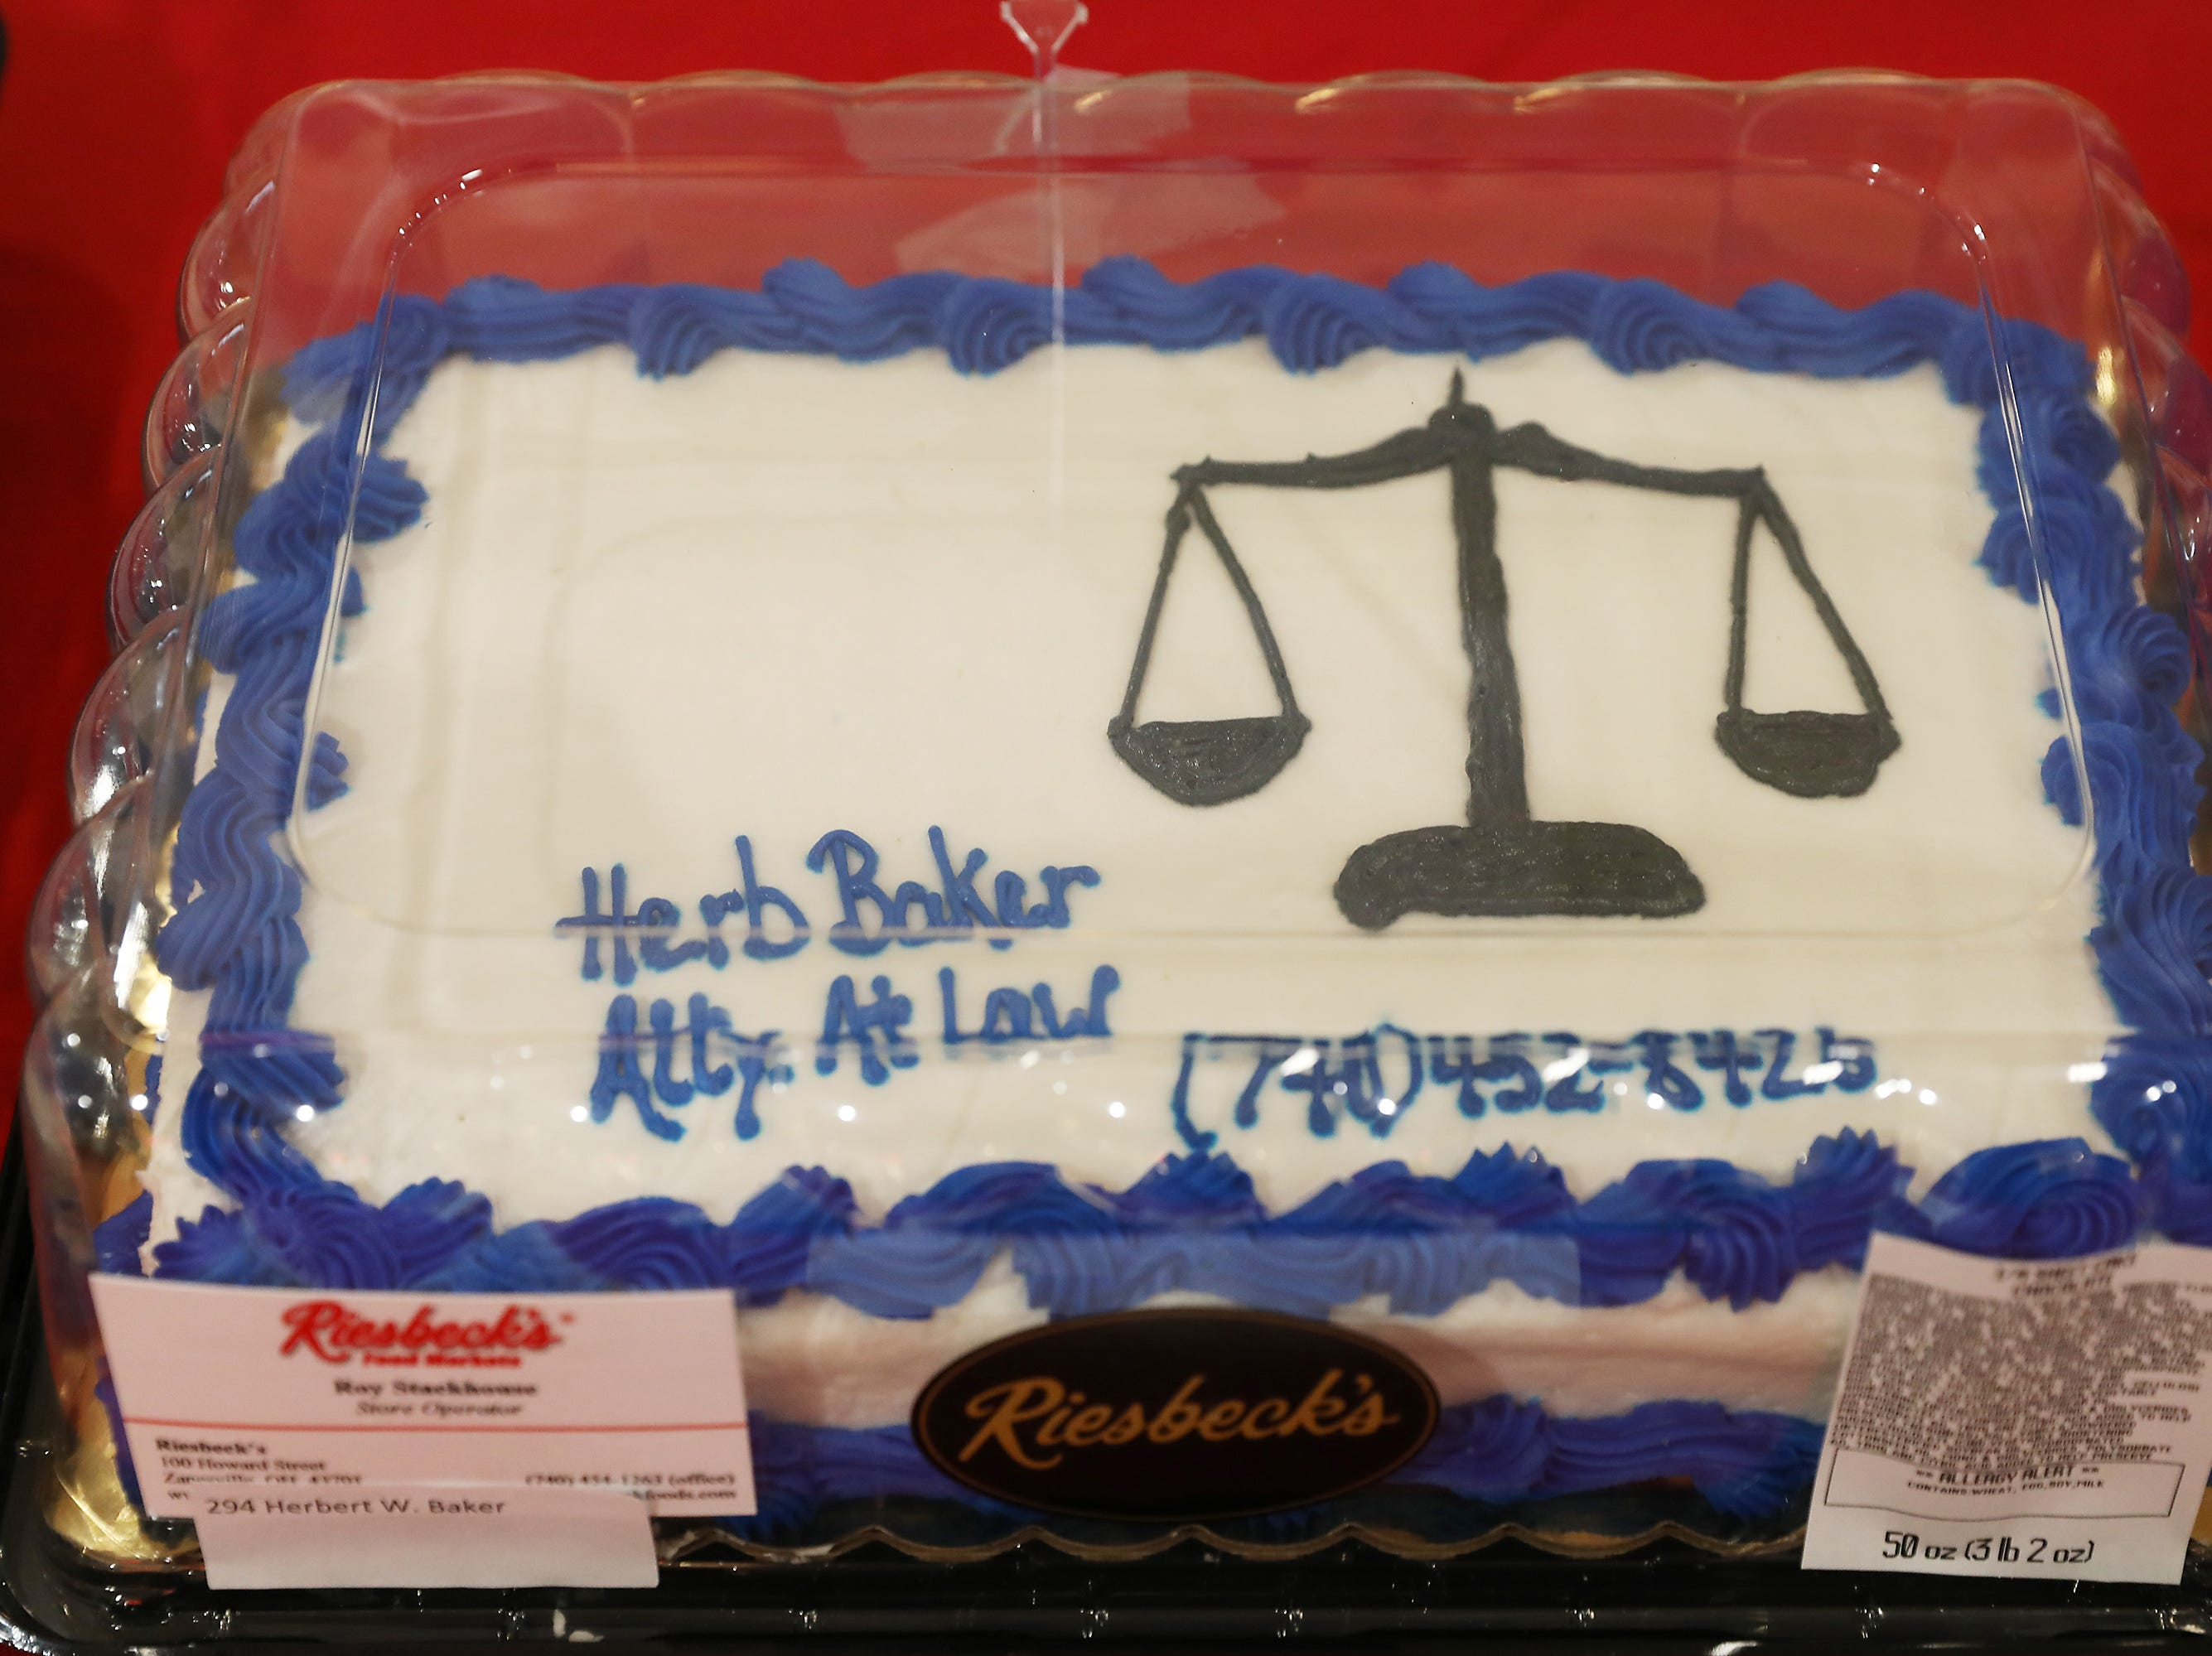 11:45 A.M. Friday cake 294 Herbert W. Baker - $100 Fringe gift card